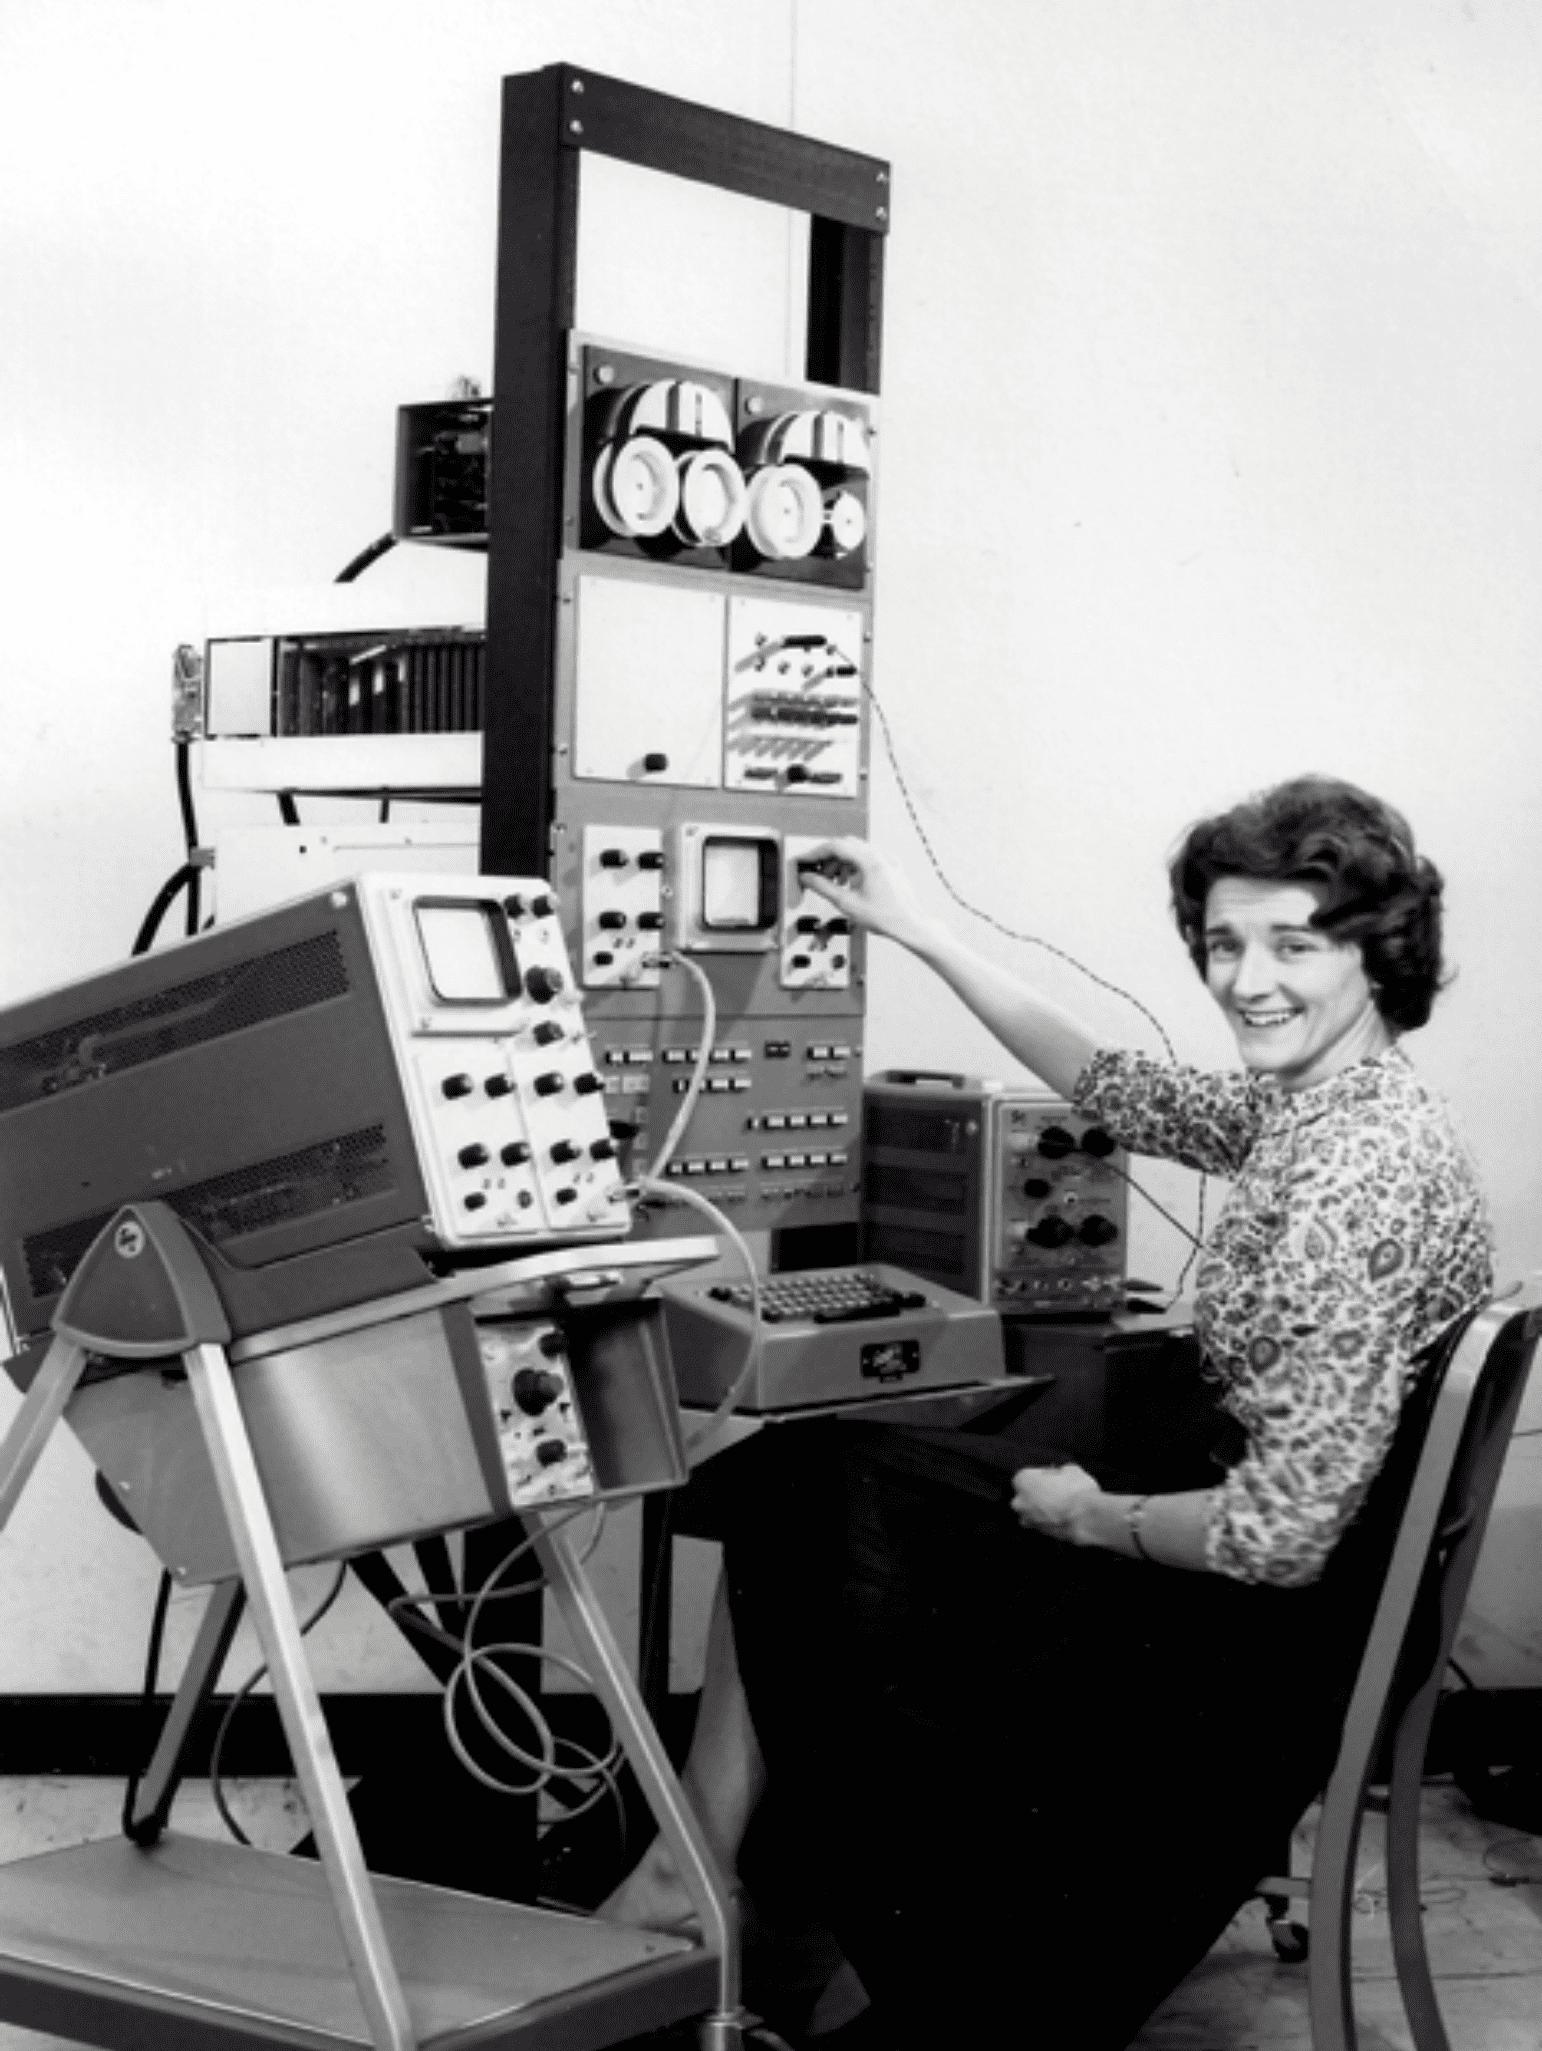 Mary Wilkes - Mujeres informáticas